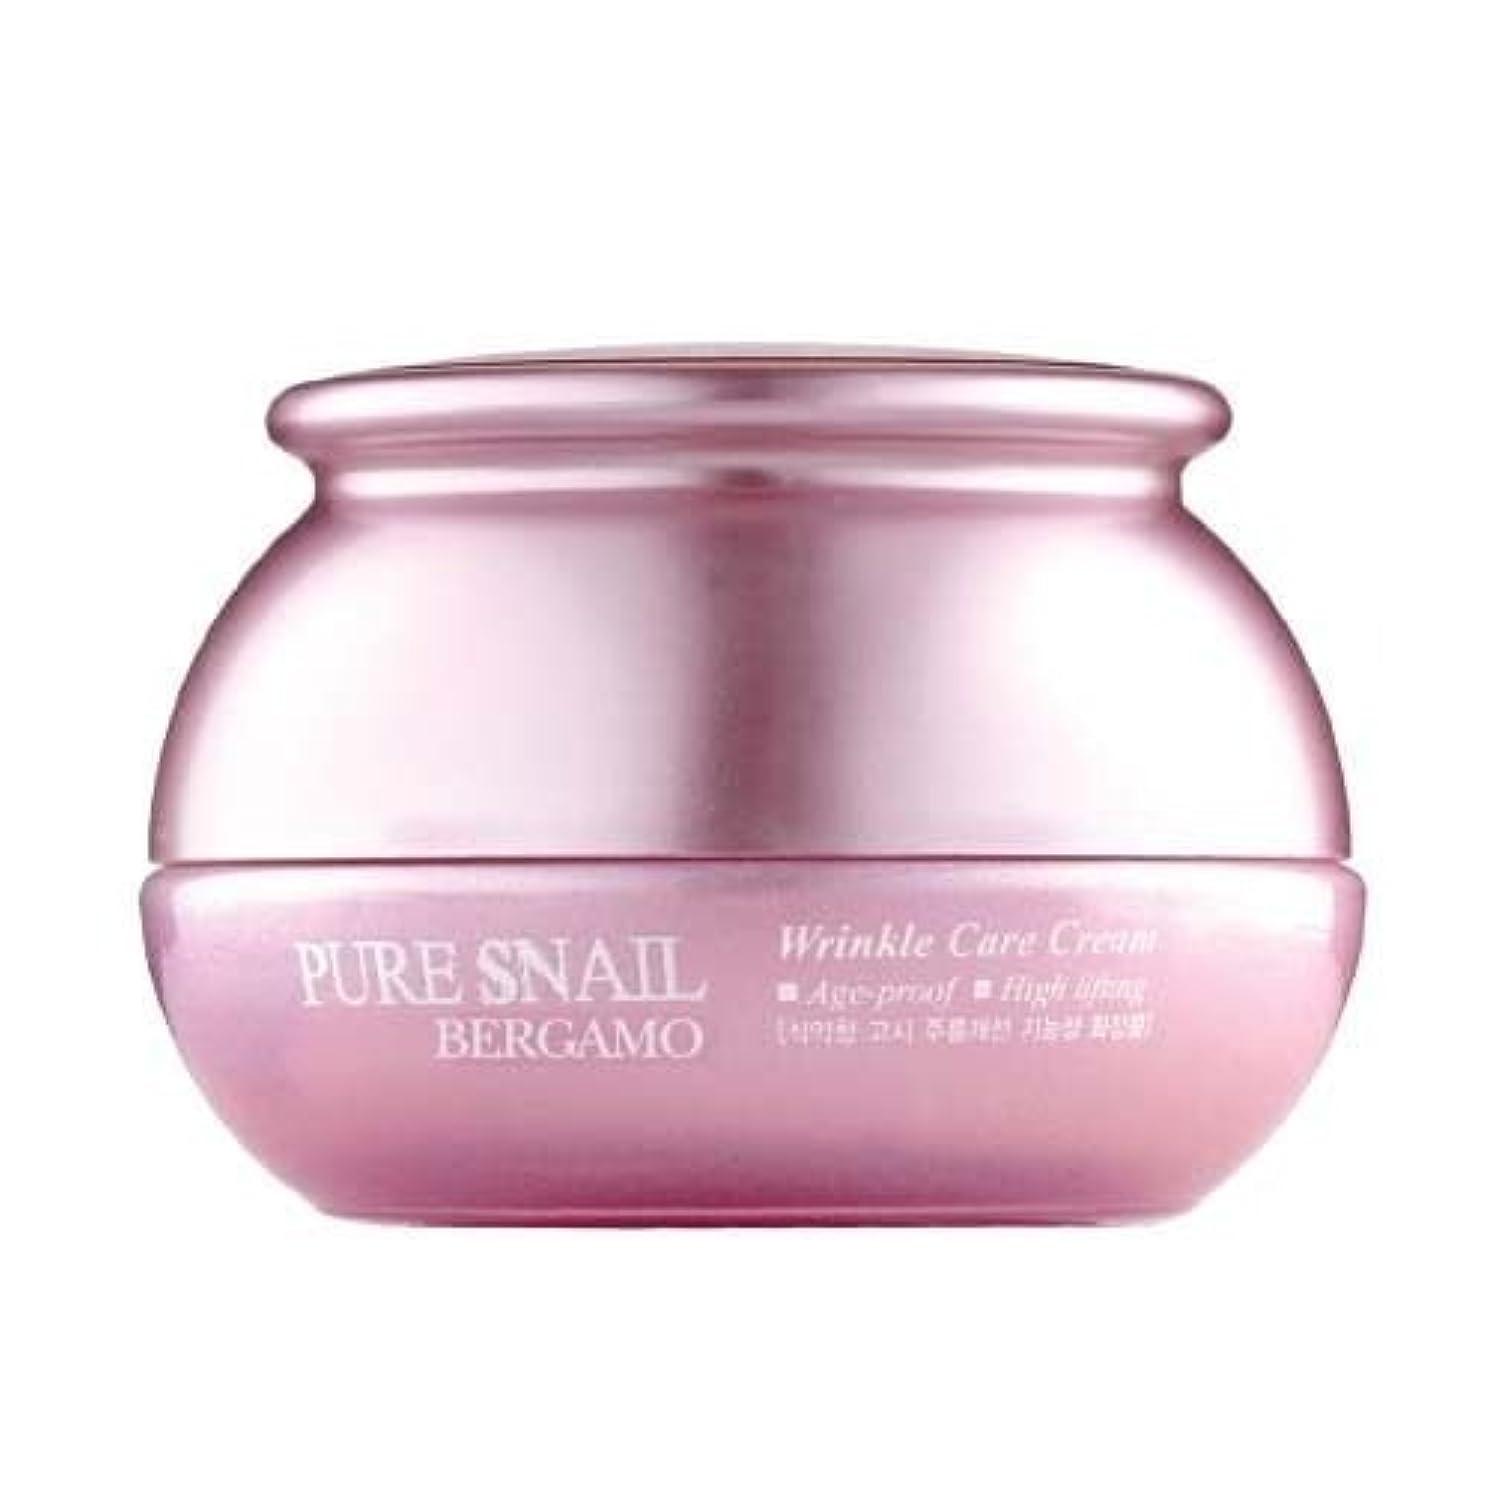 豊富な食堂クレデンシャルベルガモ[韓国コスメBergamo]Pure Snail Wrinkle Care Cream カタツムリリンクルケアクリーム50ml しわ管理 [並行輸入品]